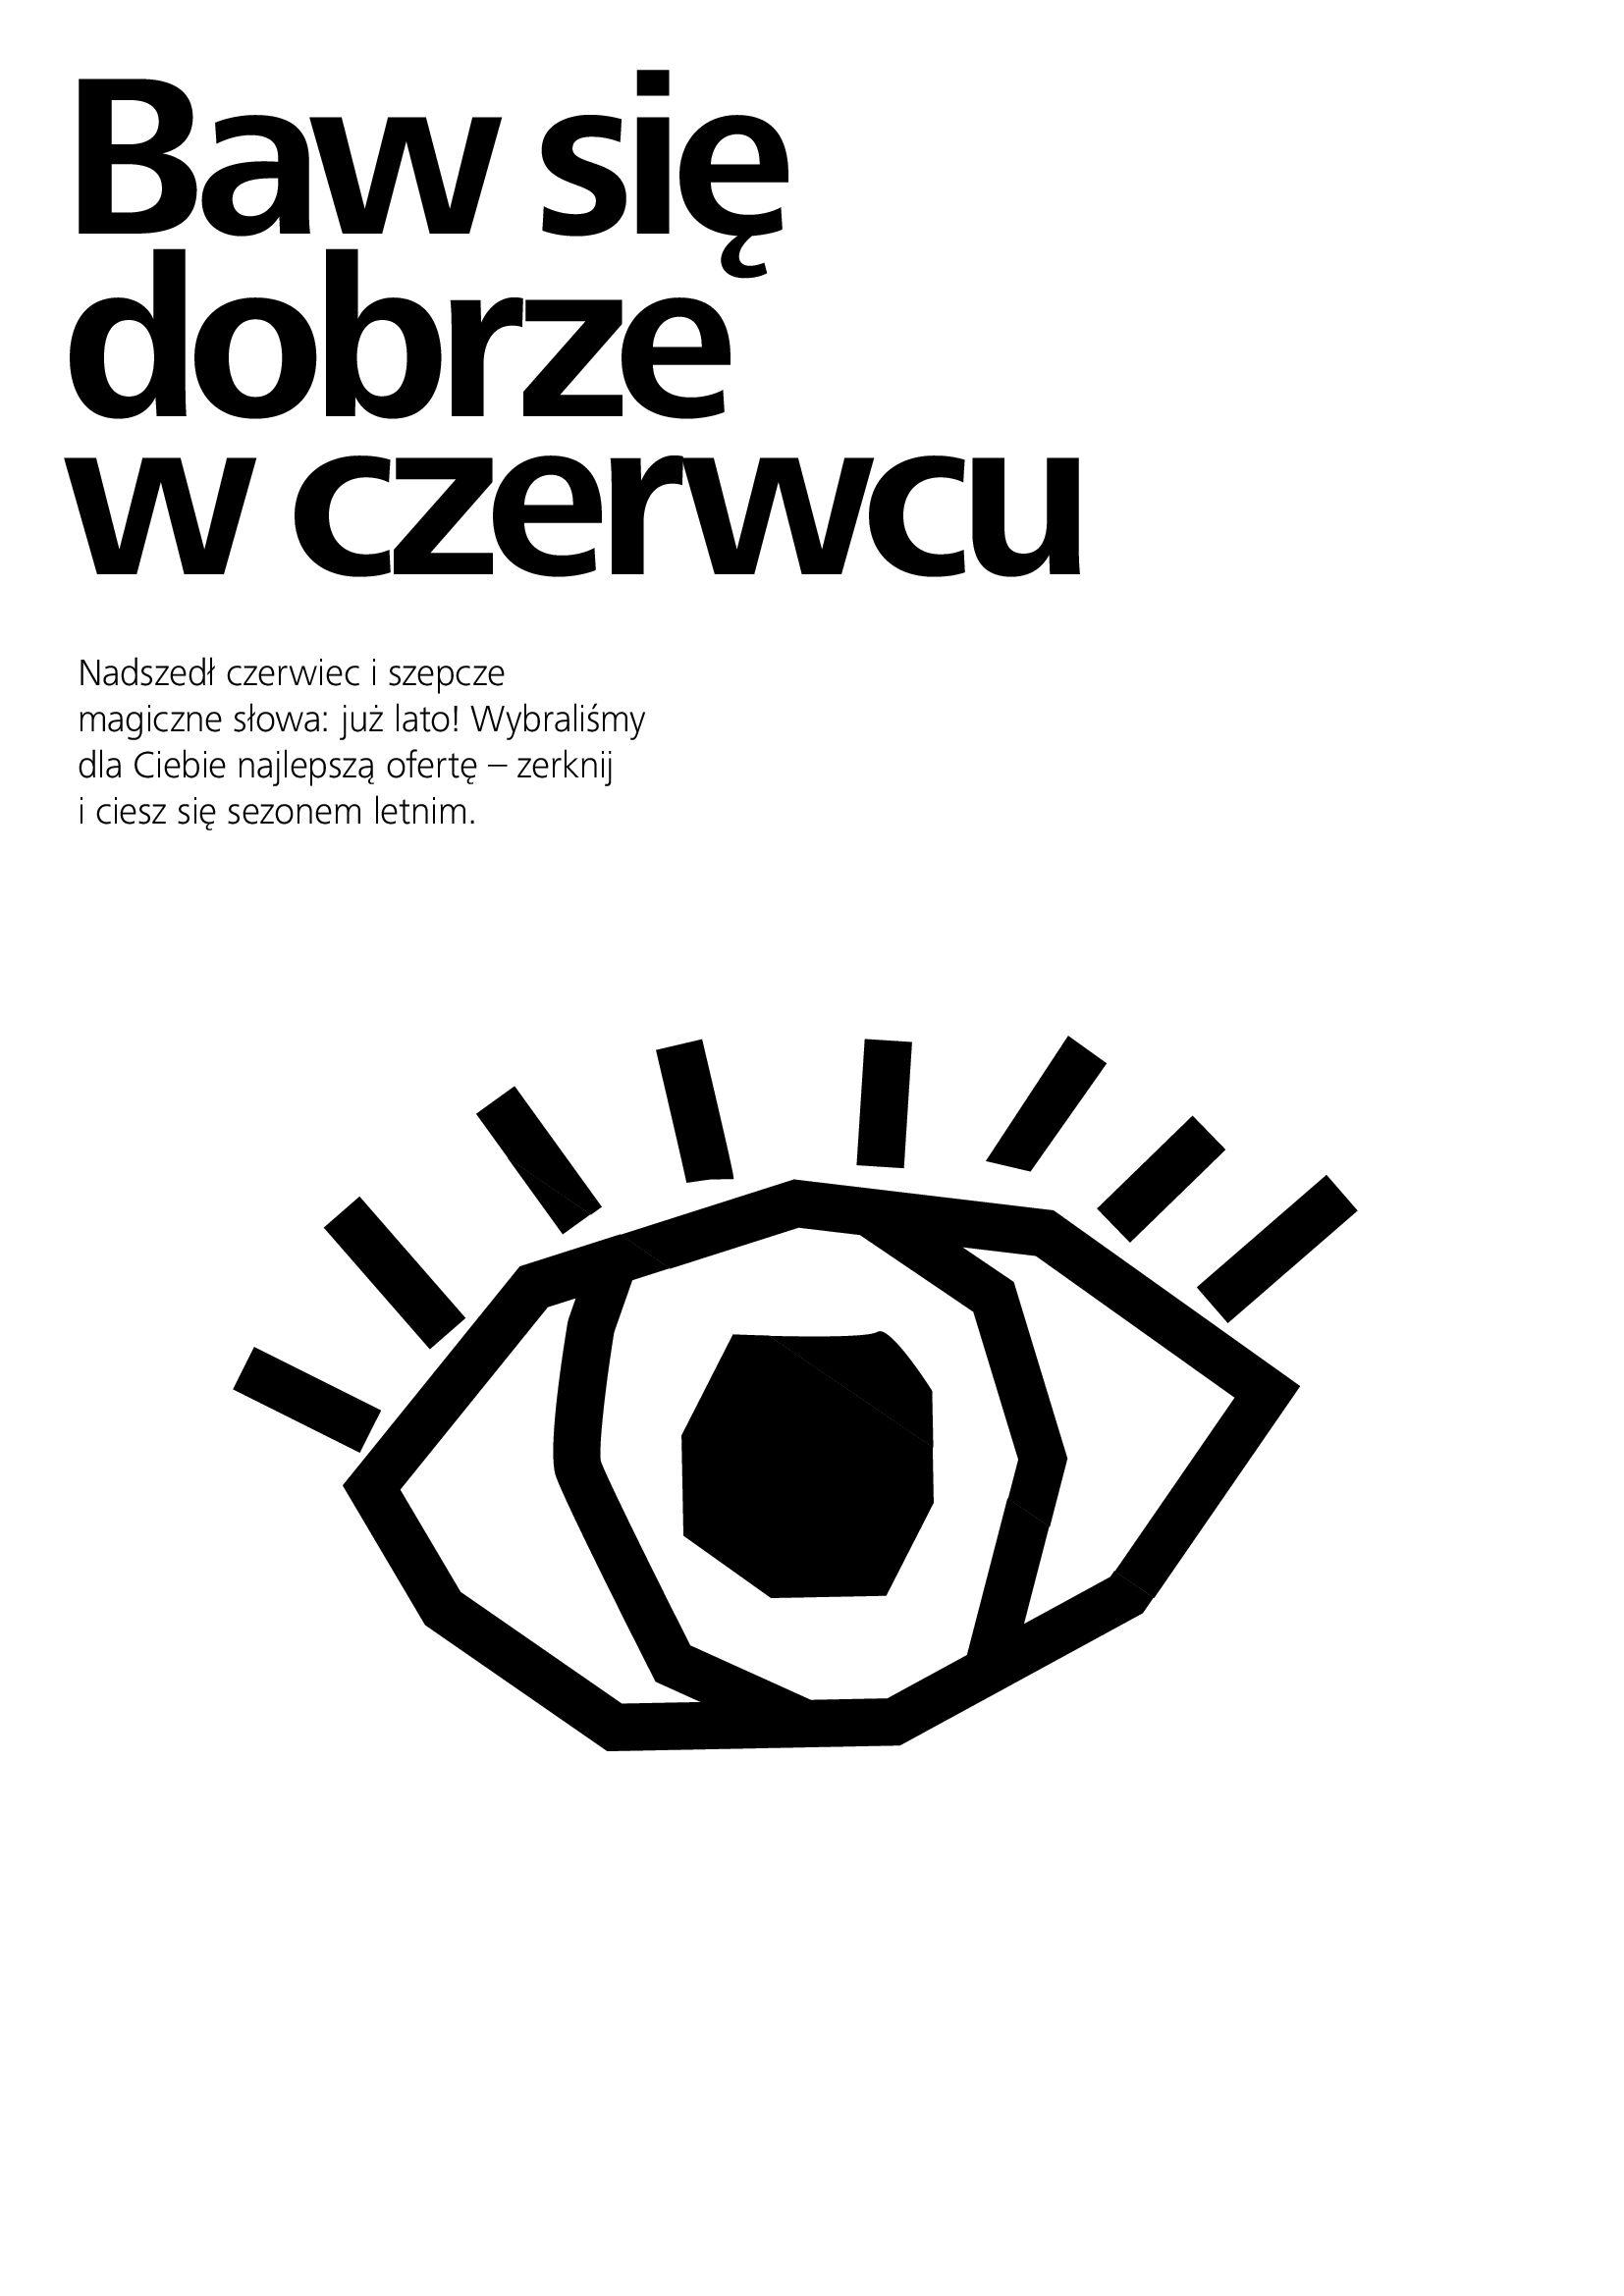 Gazetka Flying tiger - Wydanie czerwcowe-30.05.2019-27.06.2019-page-